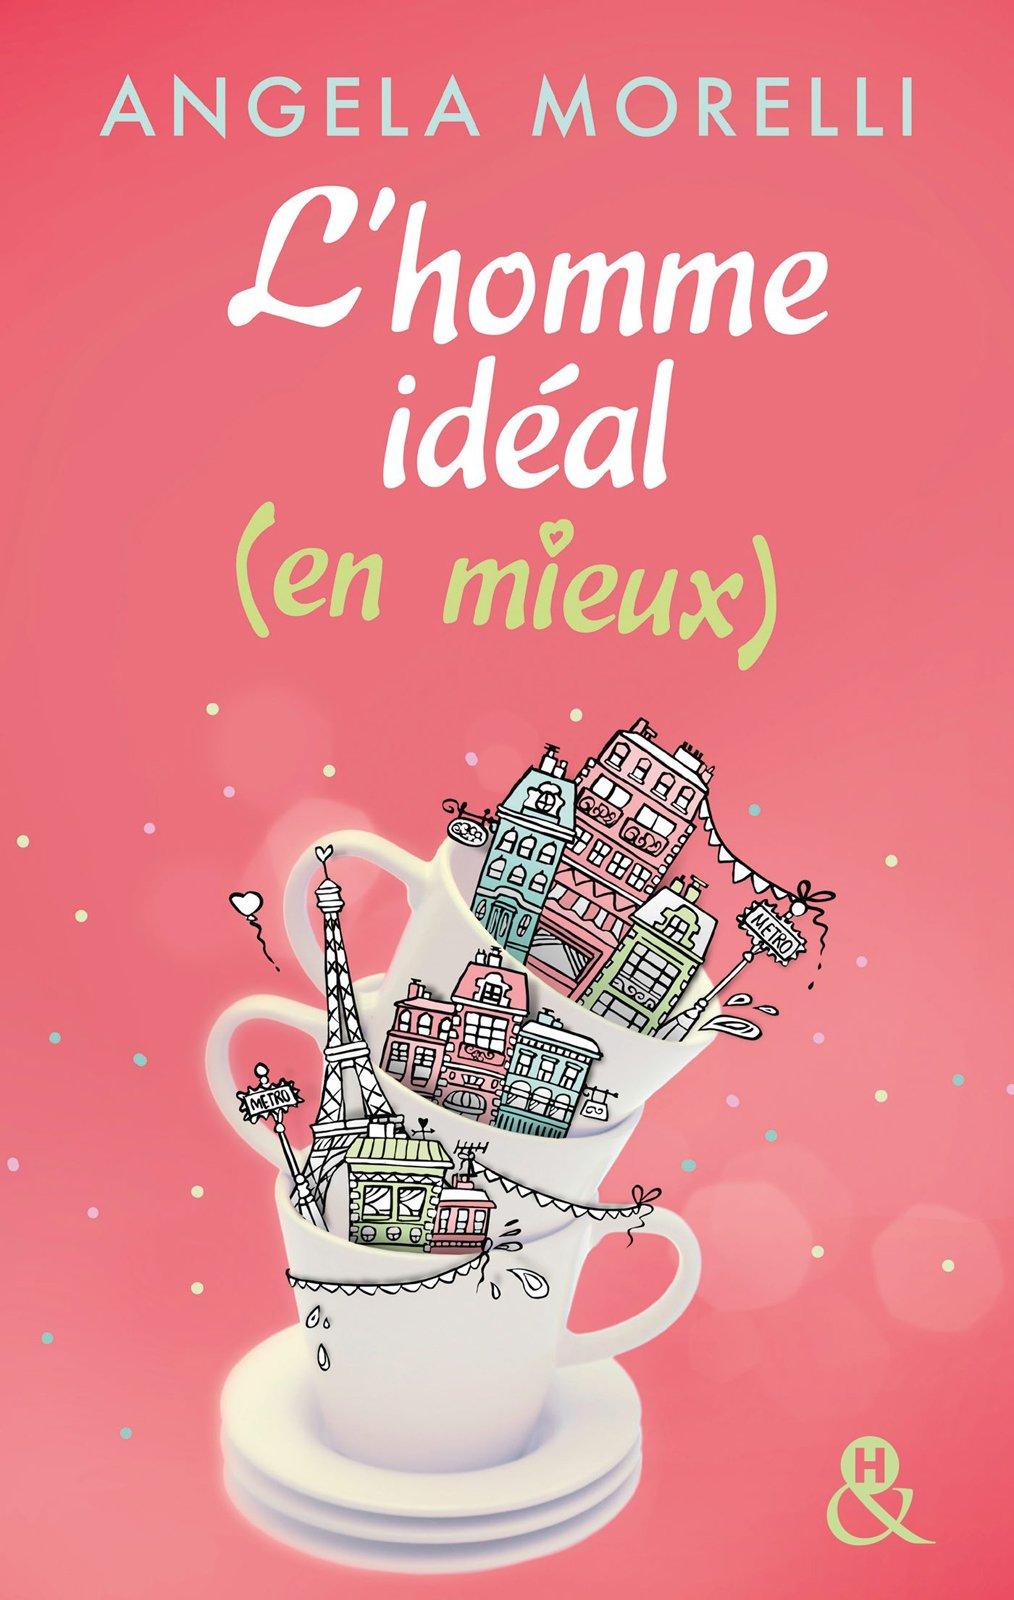 morelli_l_homme_ideal_en_mieux